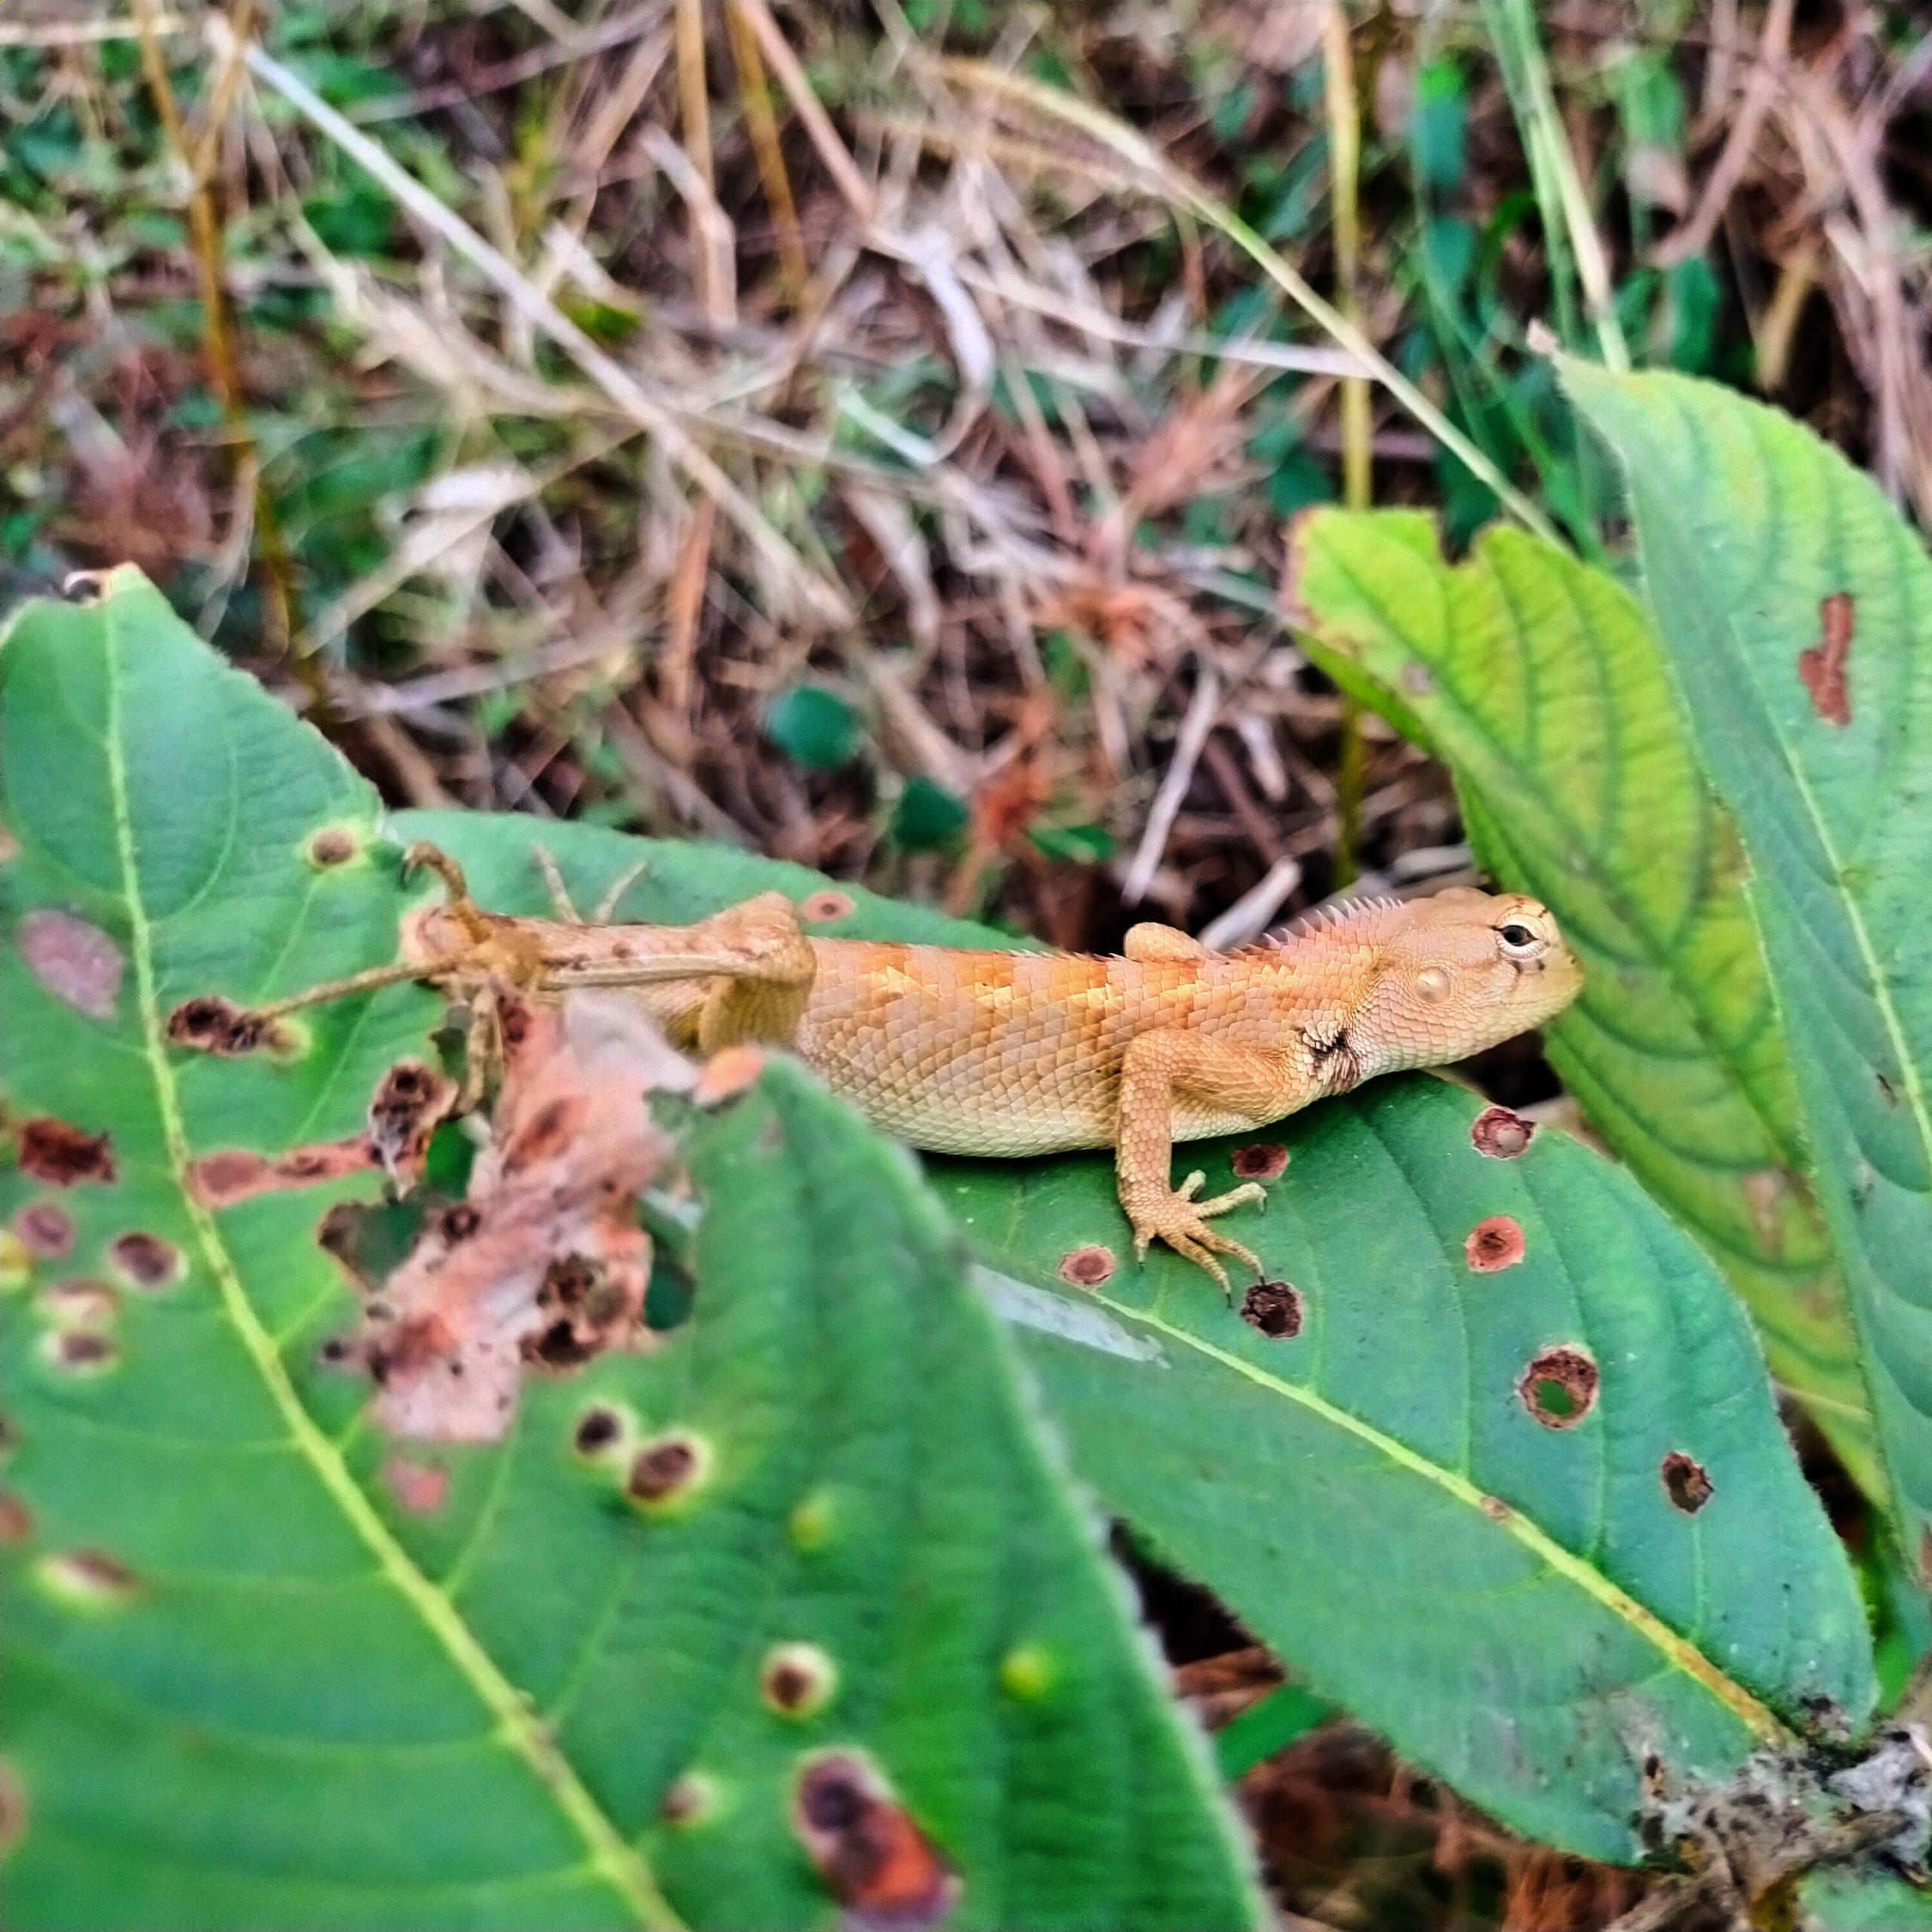 A garden lizard on plant leaf